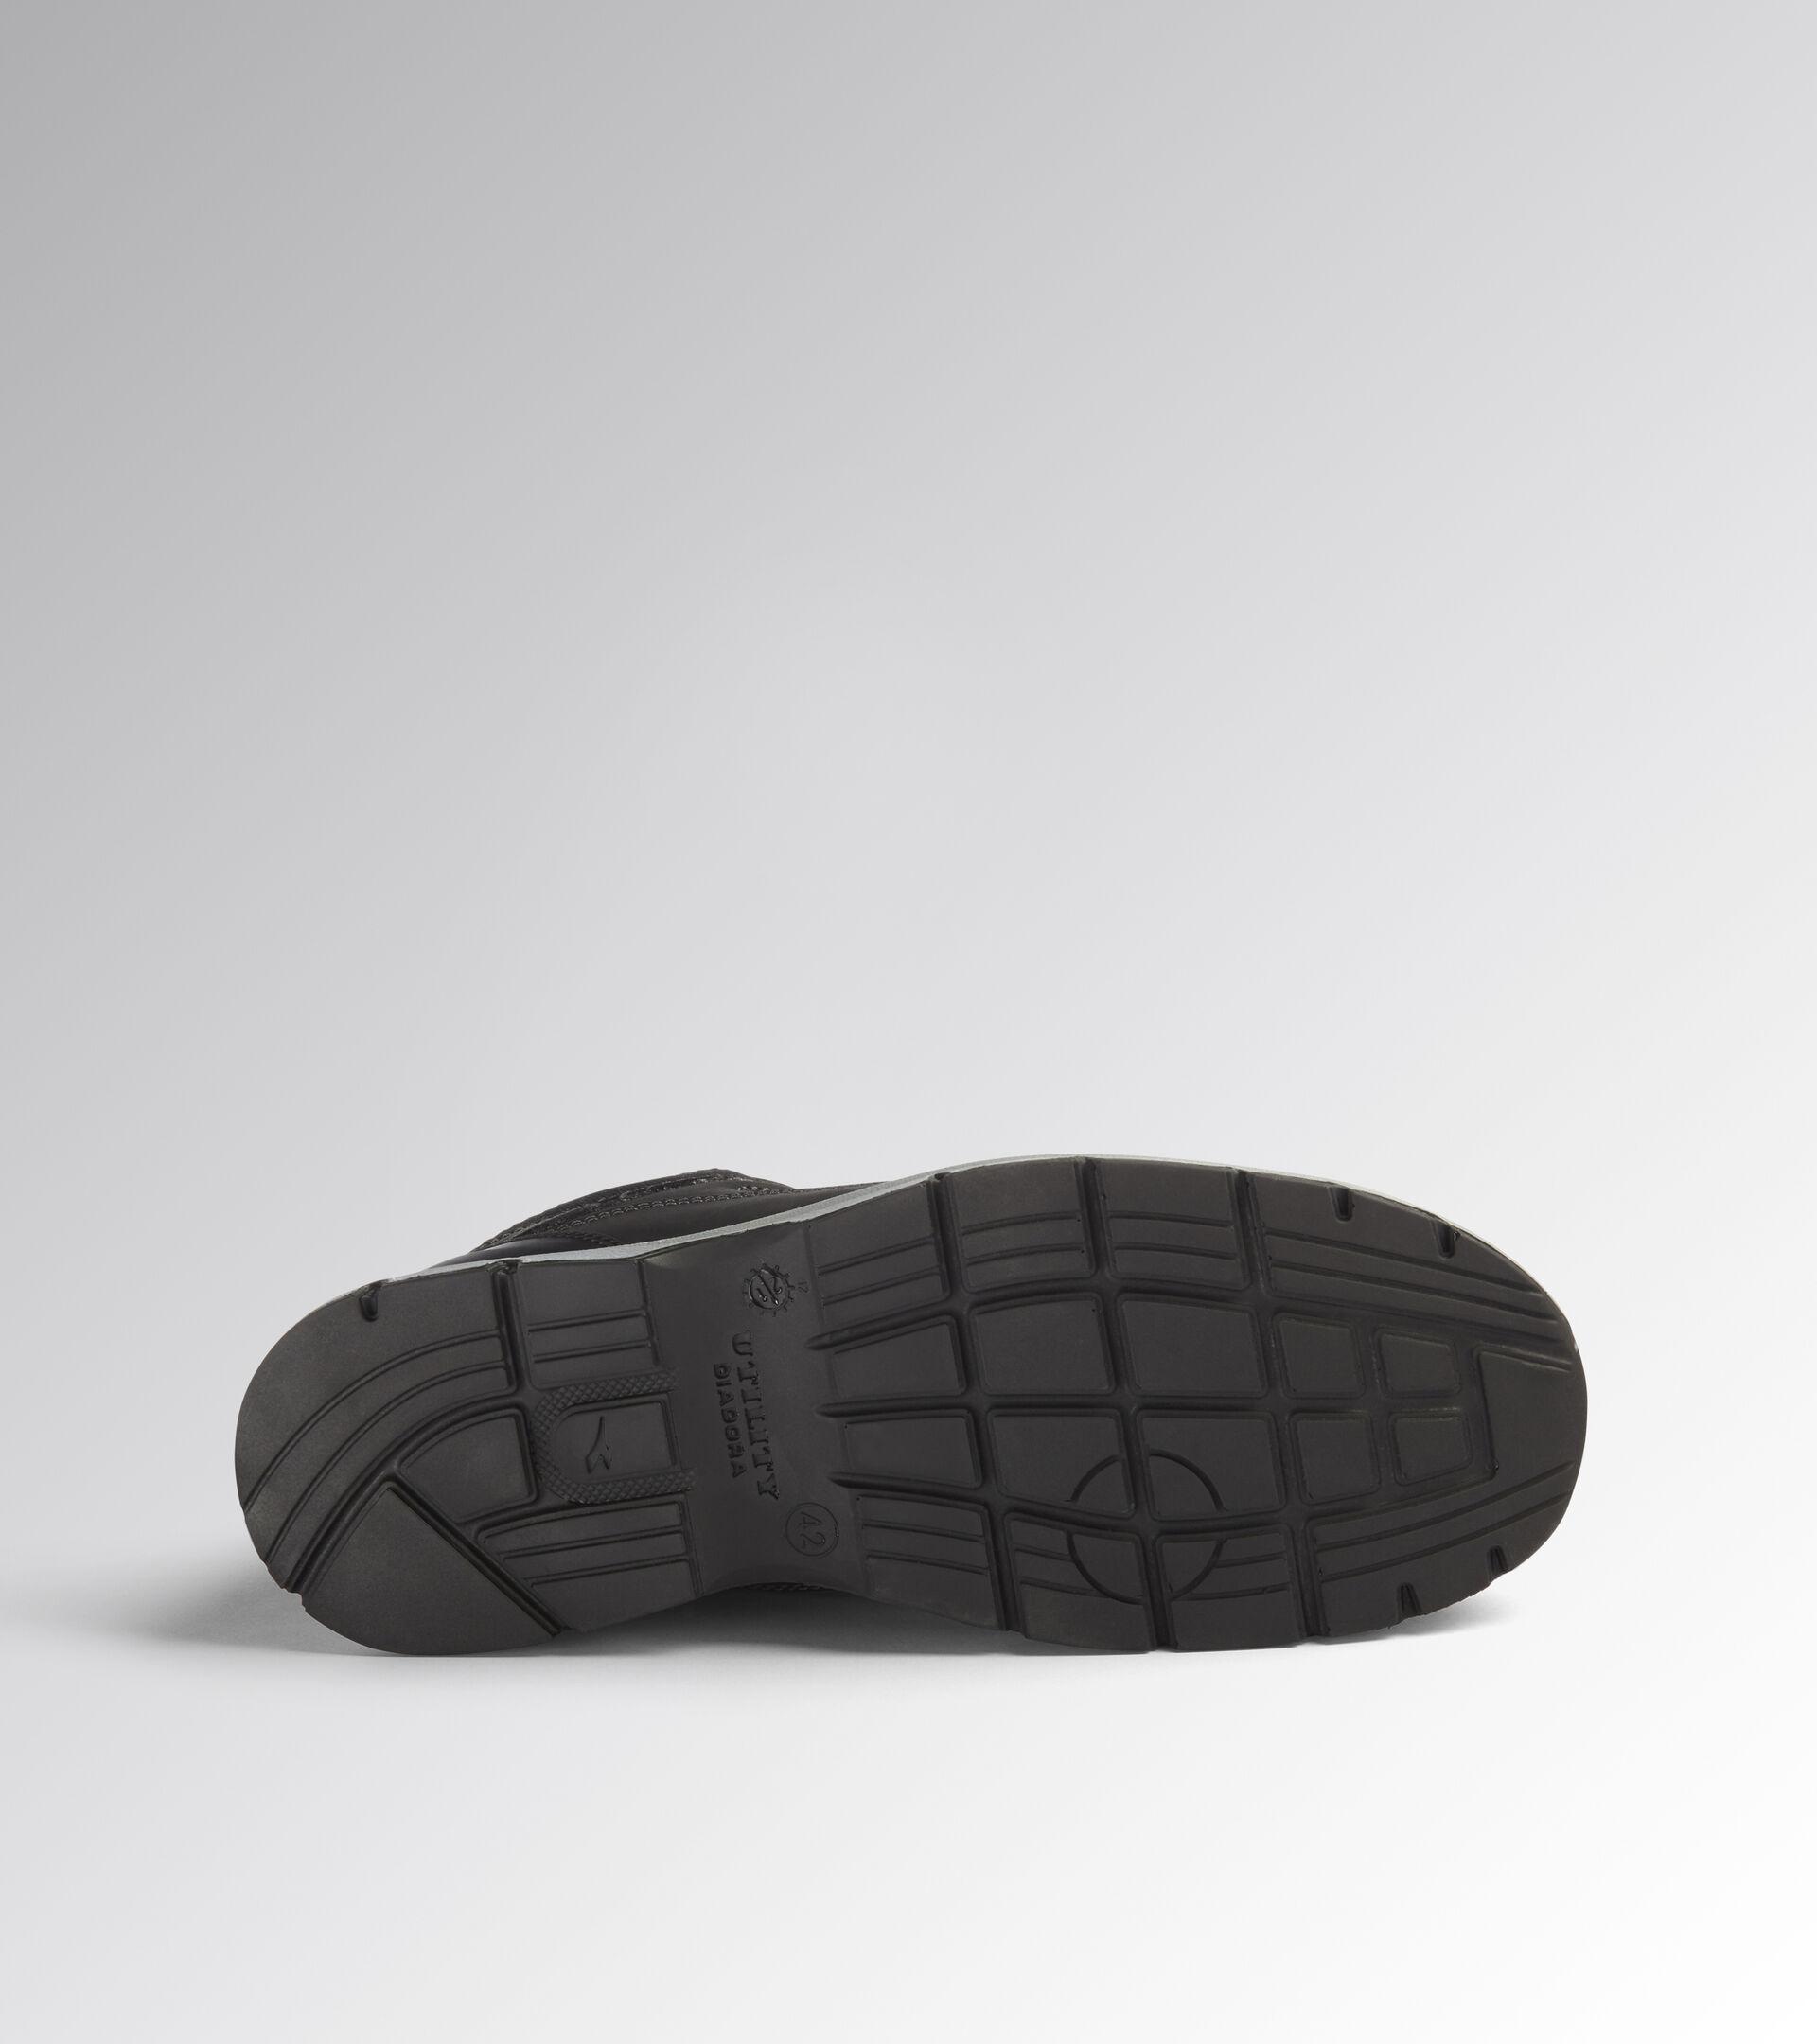 Footwear Utility UNISEX RUN MID S3 SRC ESD BLACK Utility